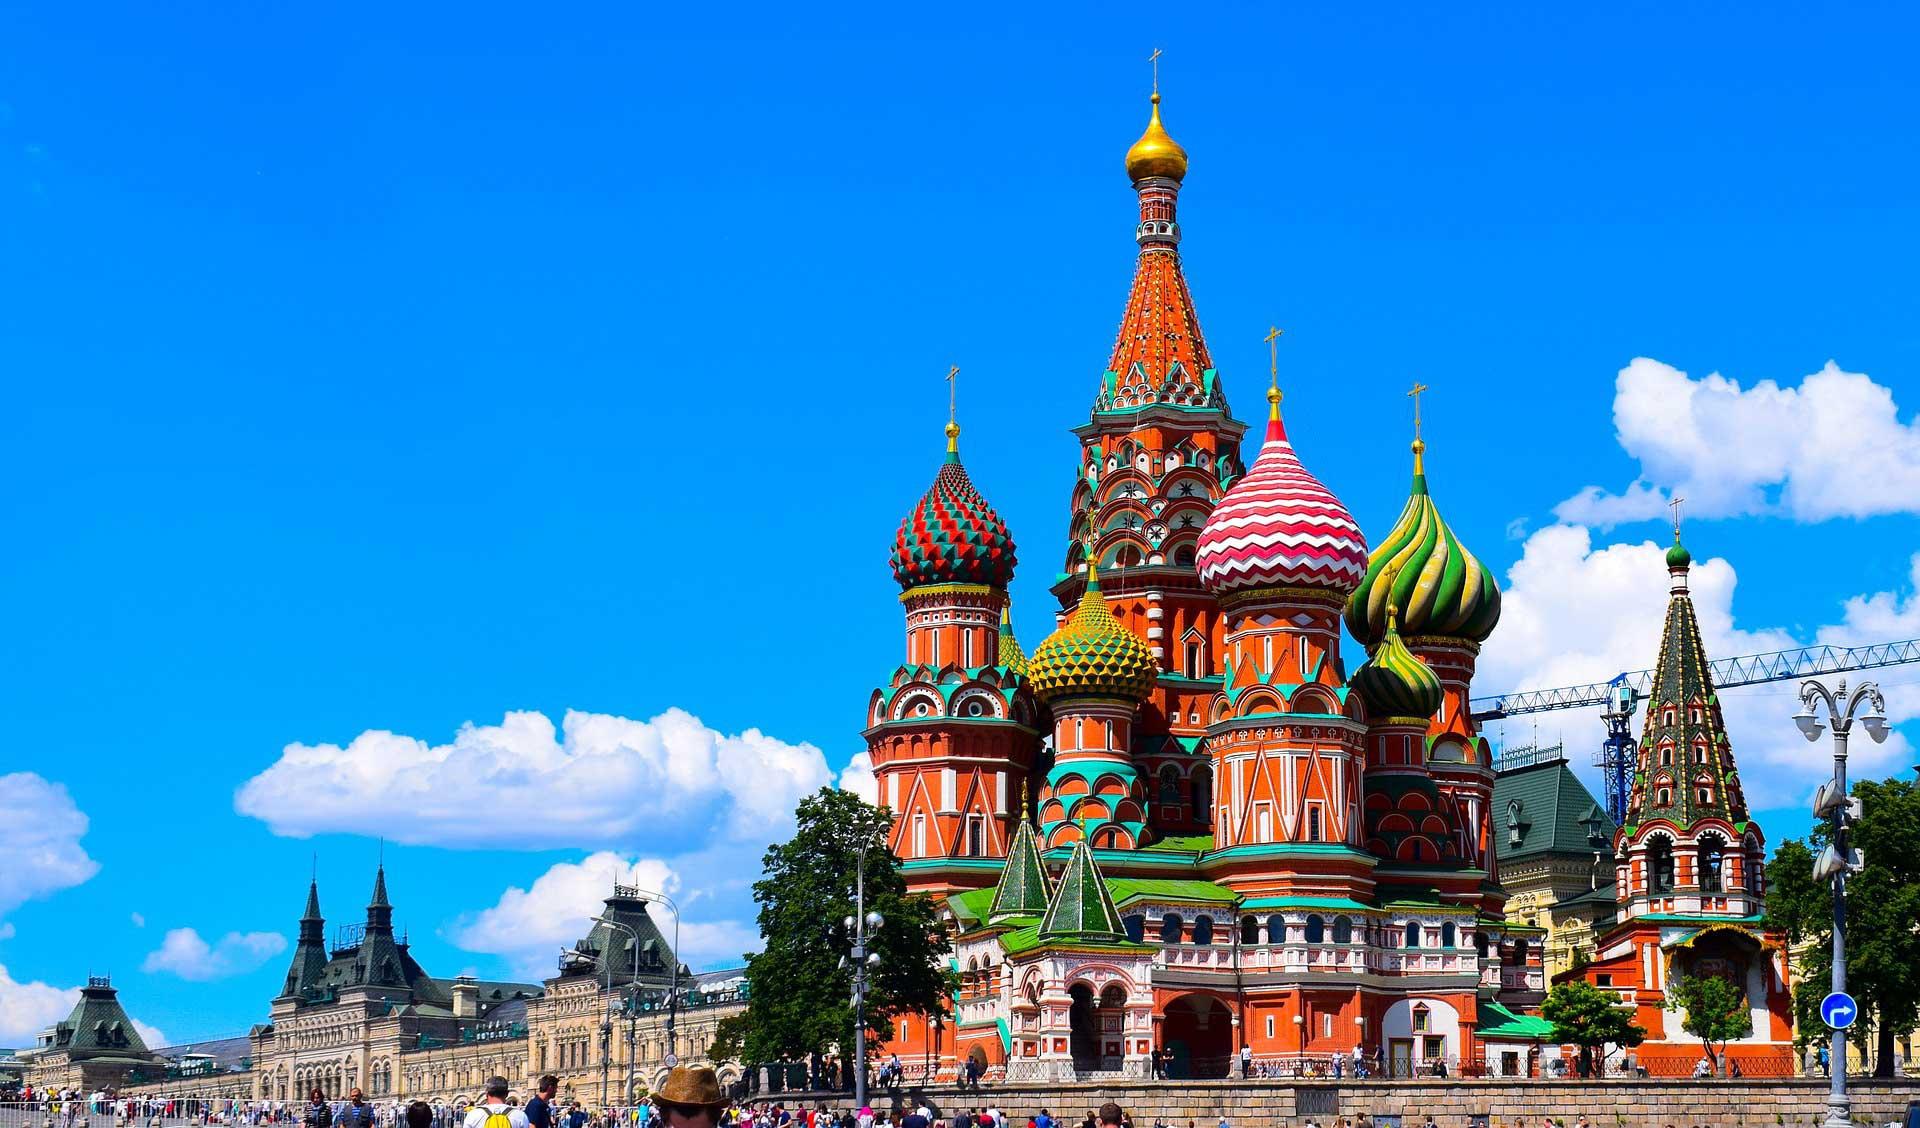 Moskau Reiseführer: Die 3 besten Reiseführer für Deinen Städtetrip | Meine Empfehlungen